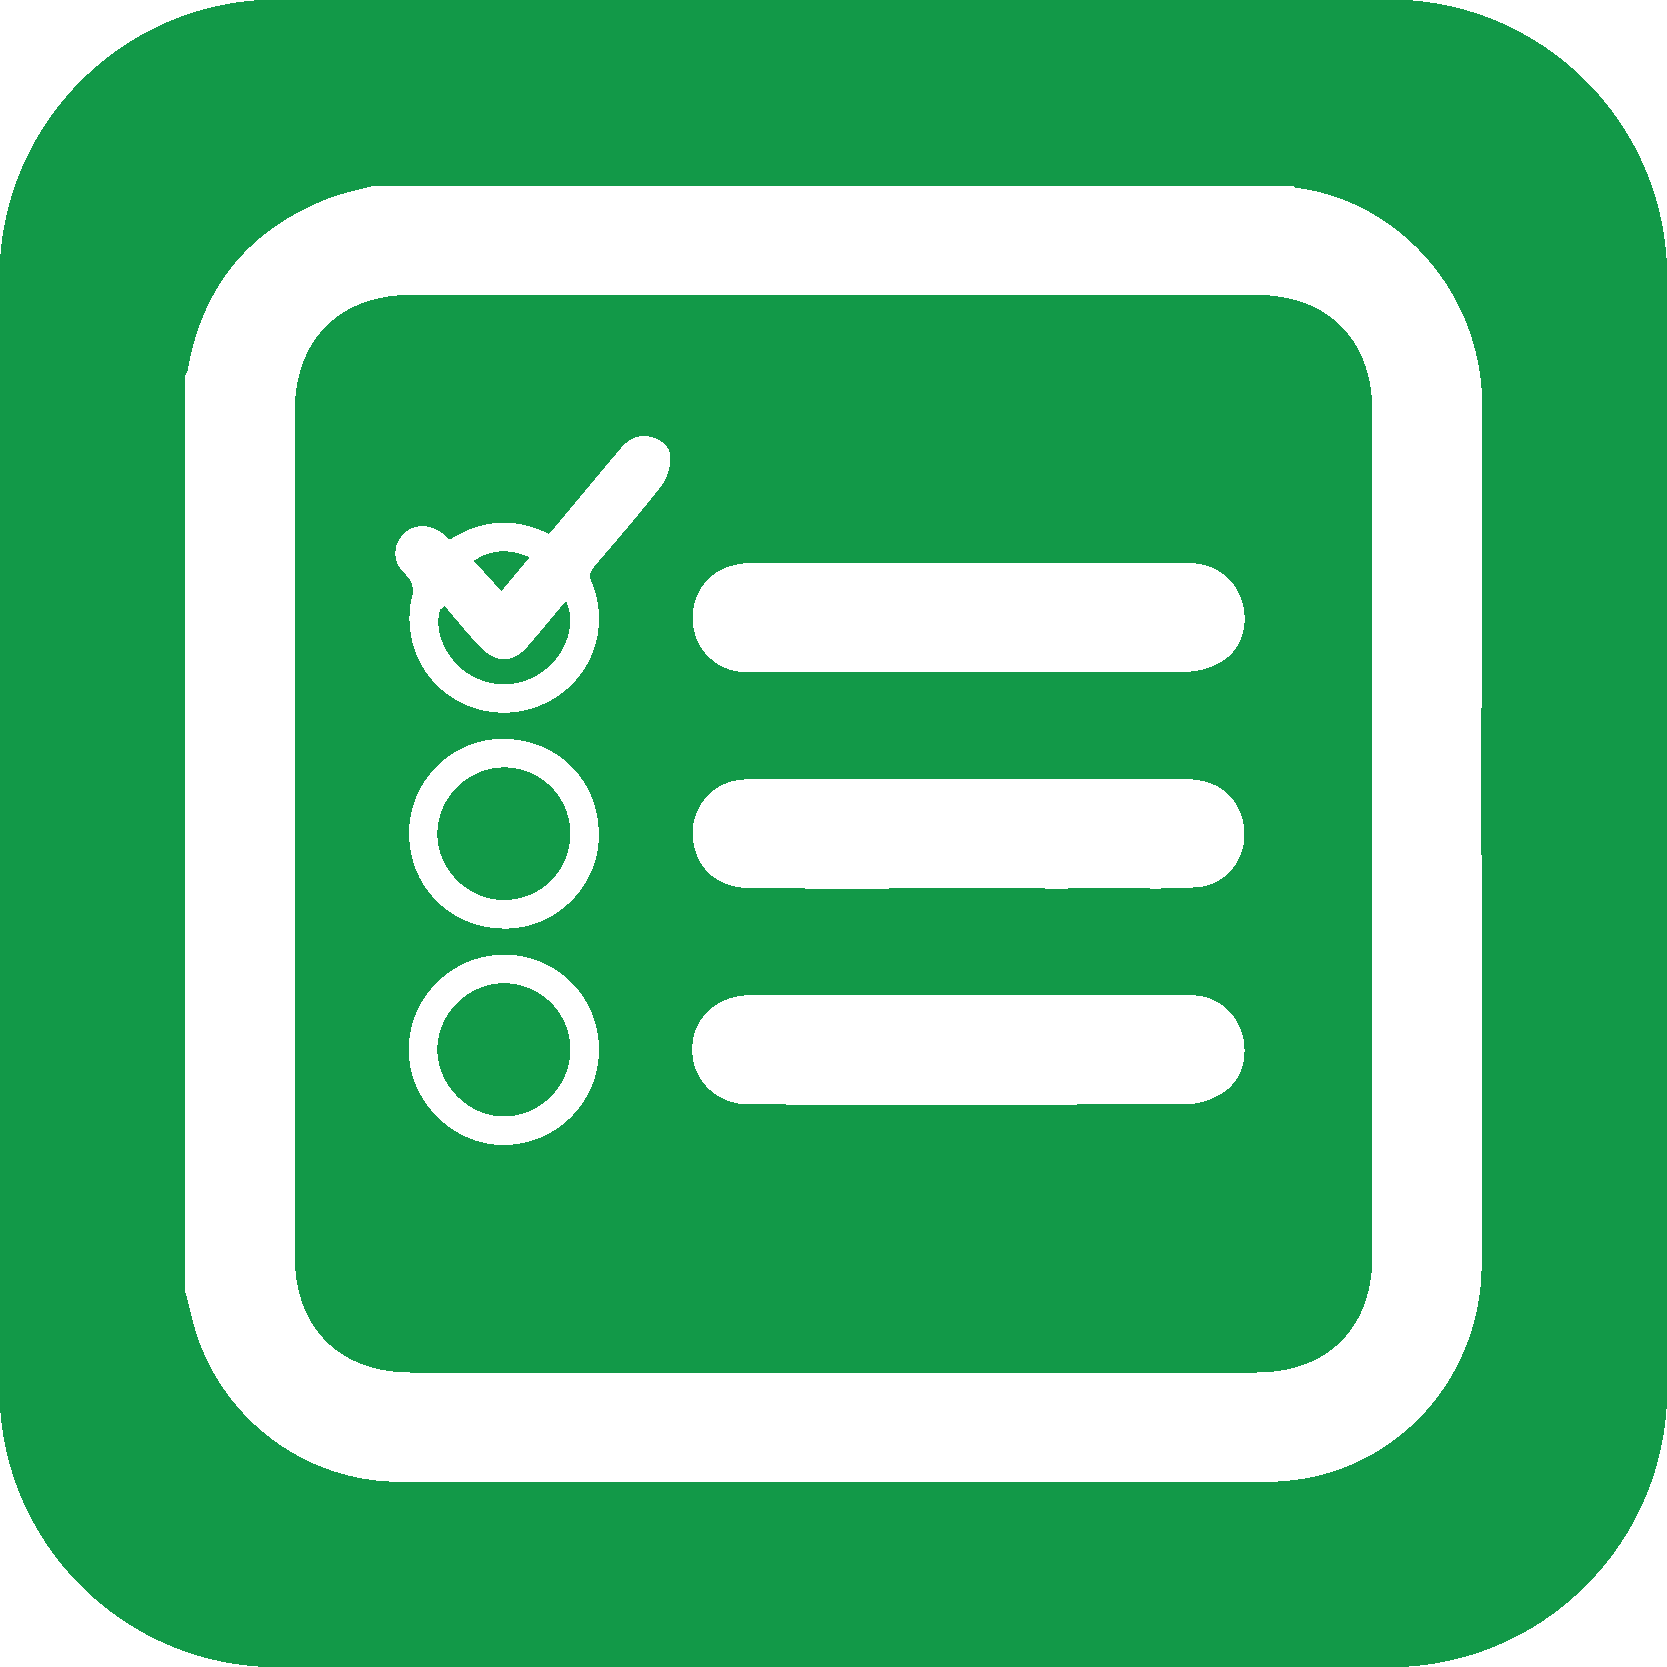 Tjekliste ikon grøn